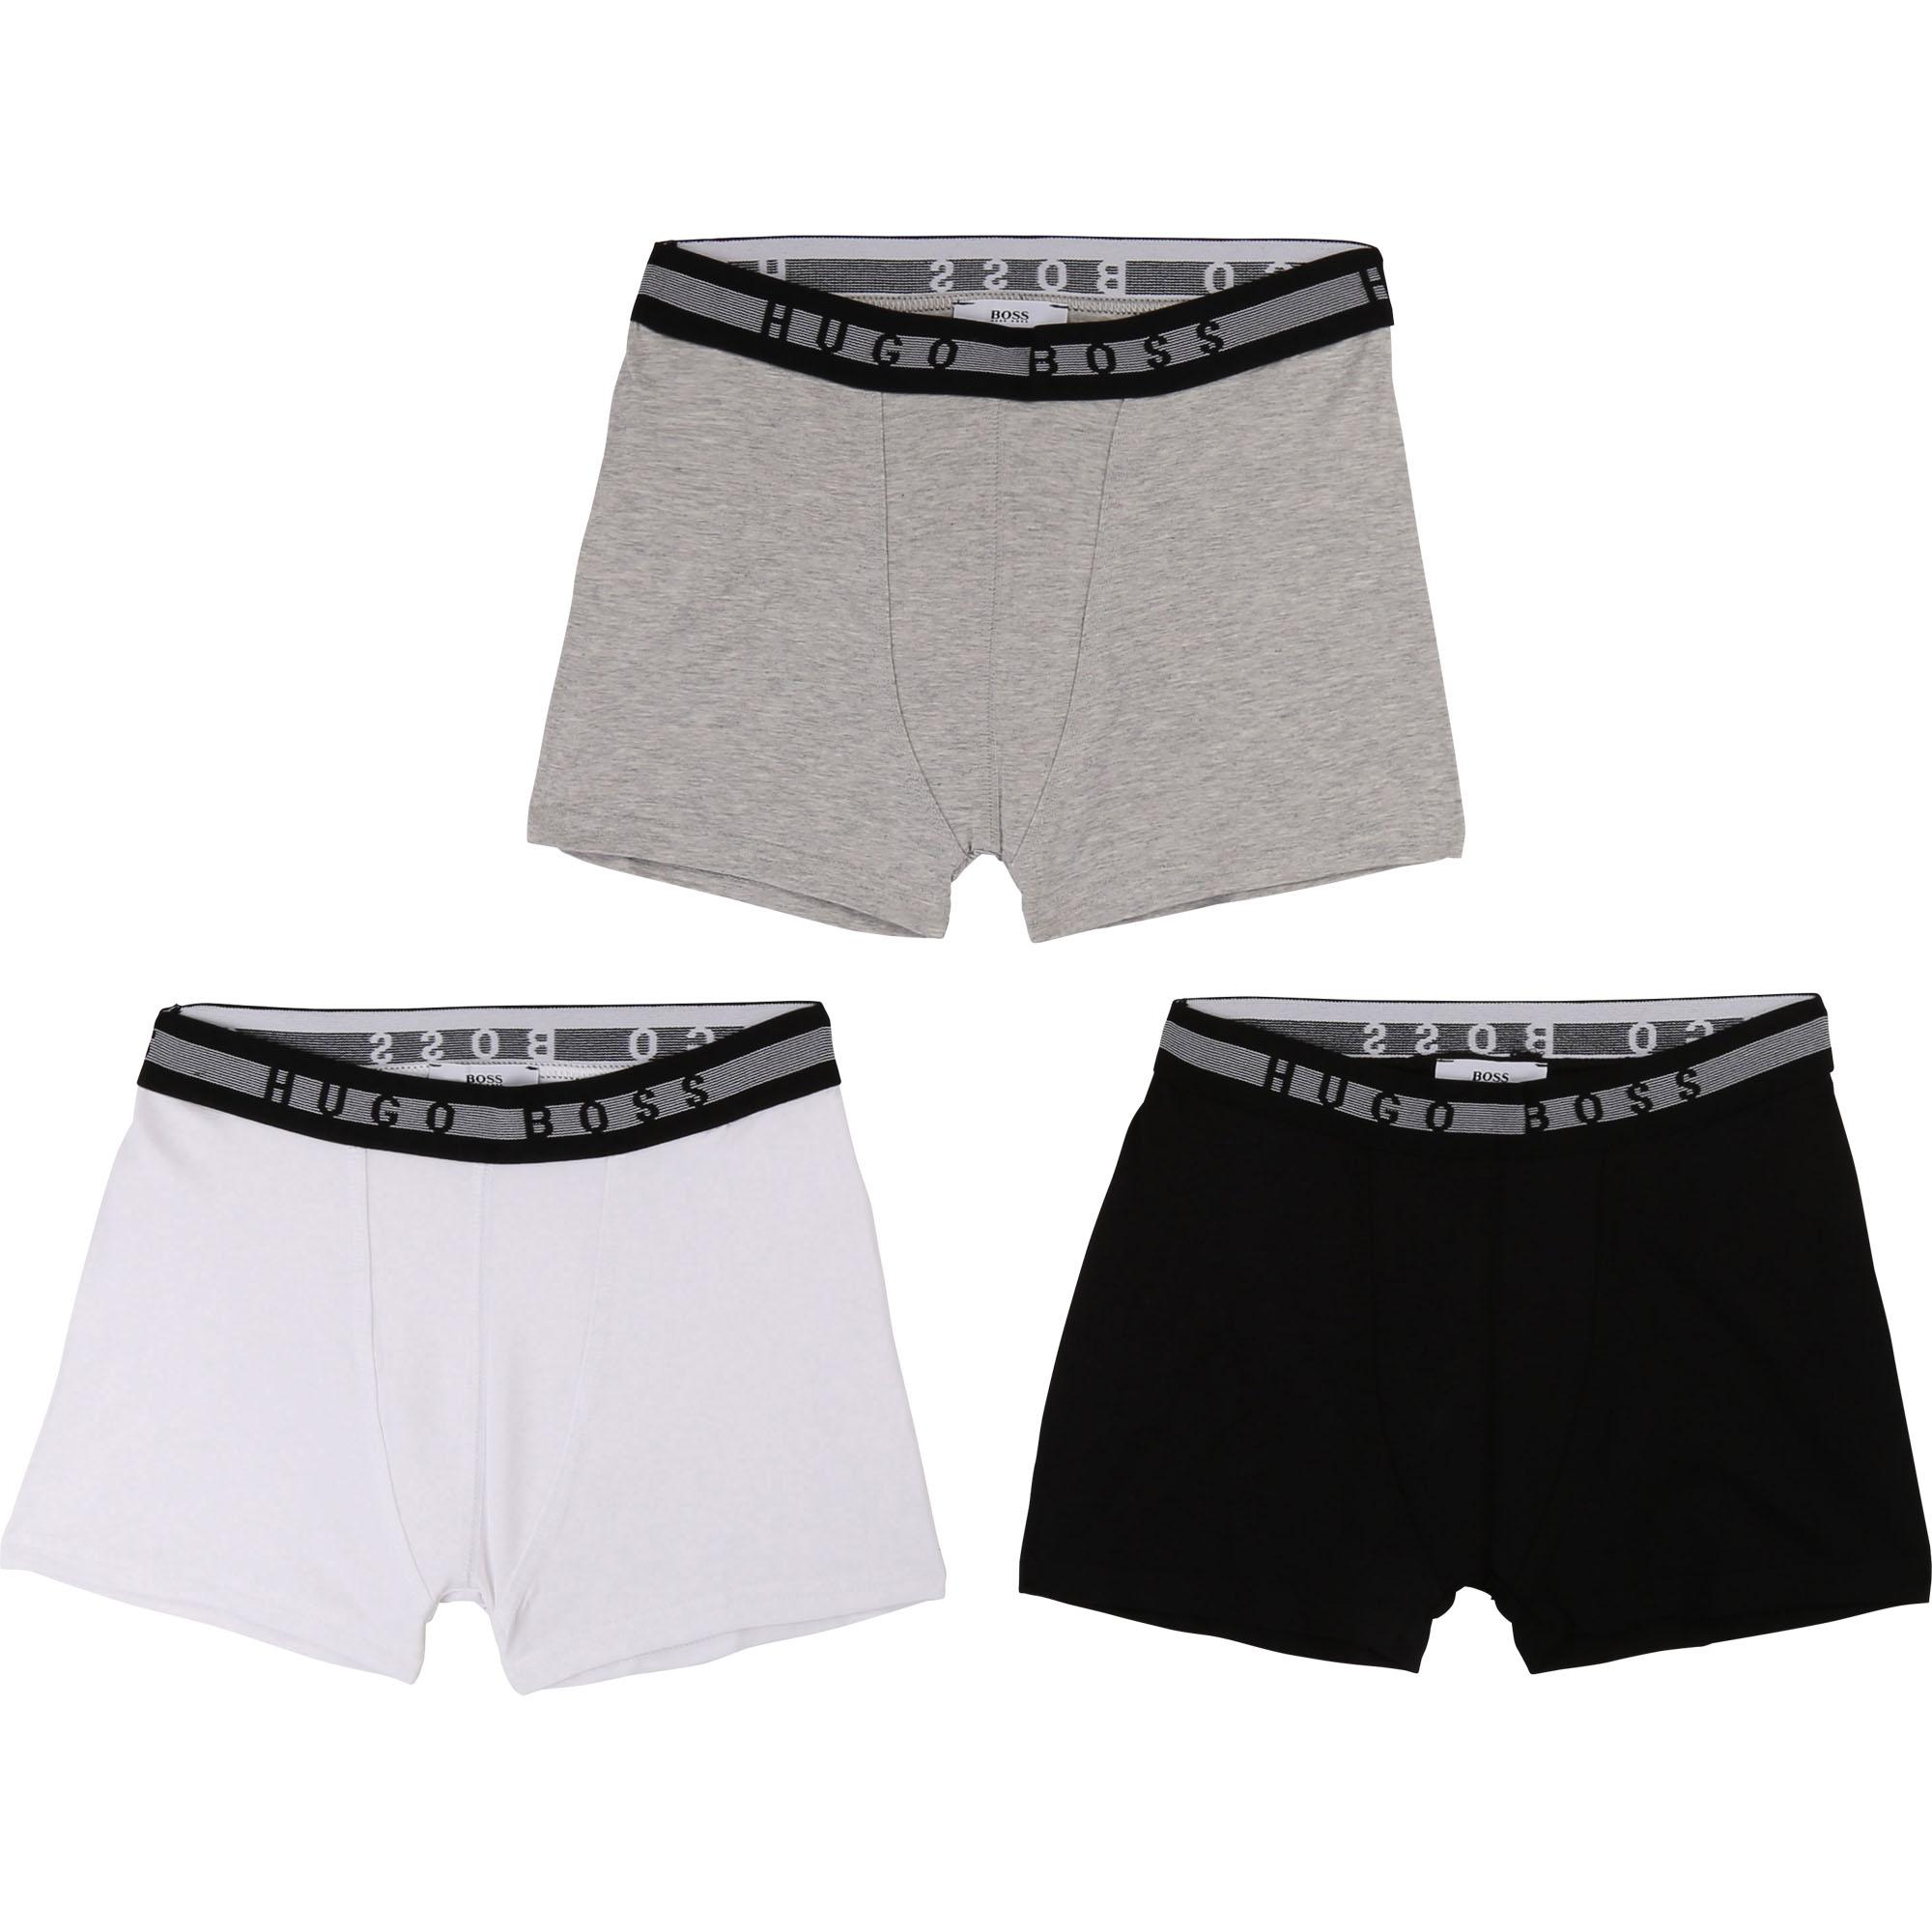 Lot de 3 boxers jersey coton BOSS ENFANT GARCON